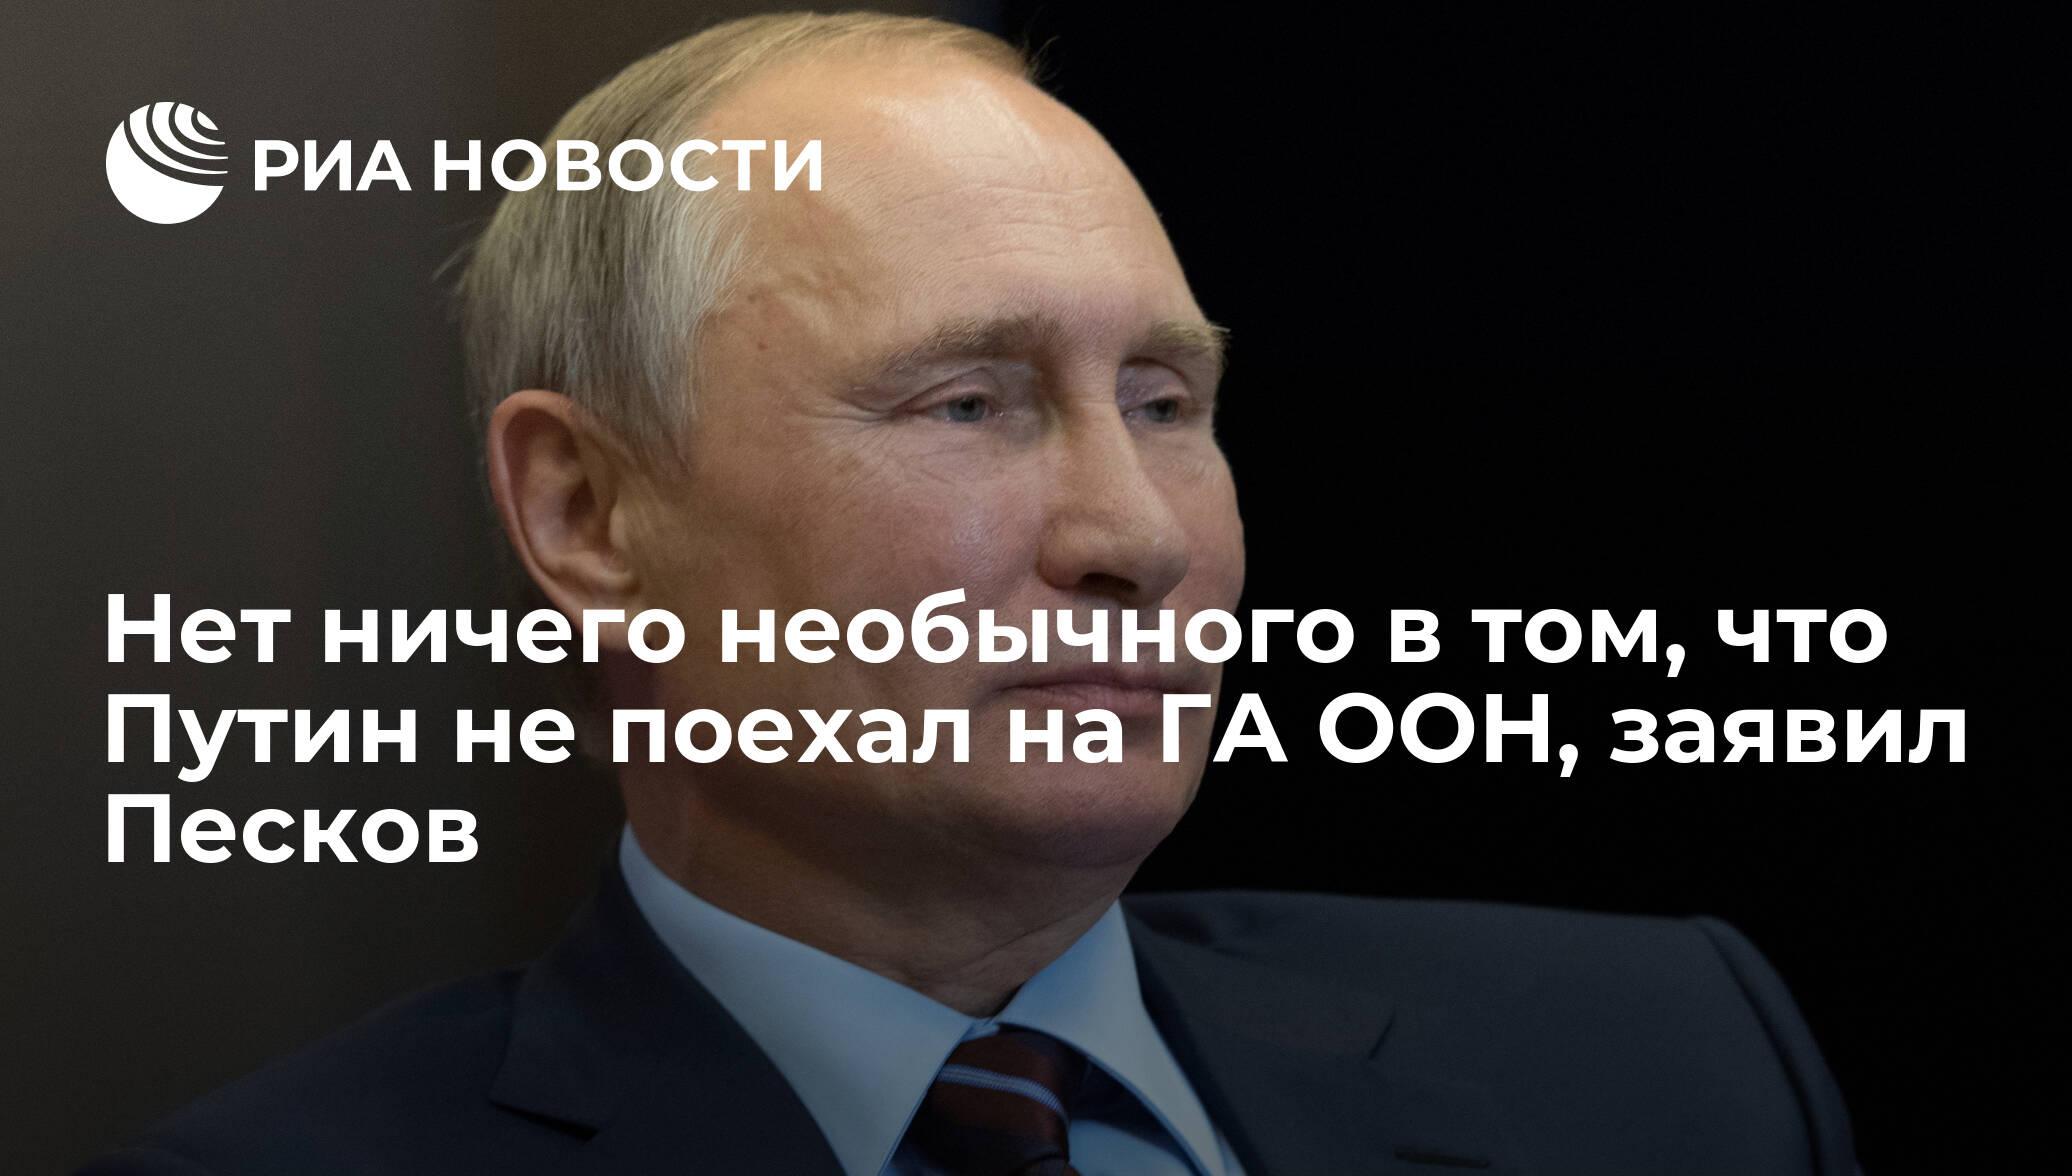 6b889807719a Нет ничего необычного в том, что Путин не поехал на ГА ООН, заявил Песков -  РИА Новости, 18.09.2017